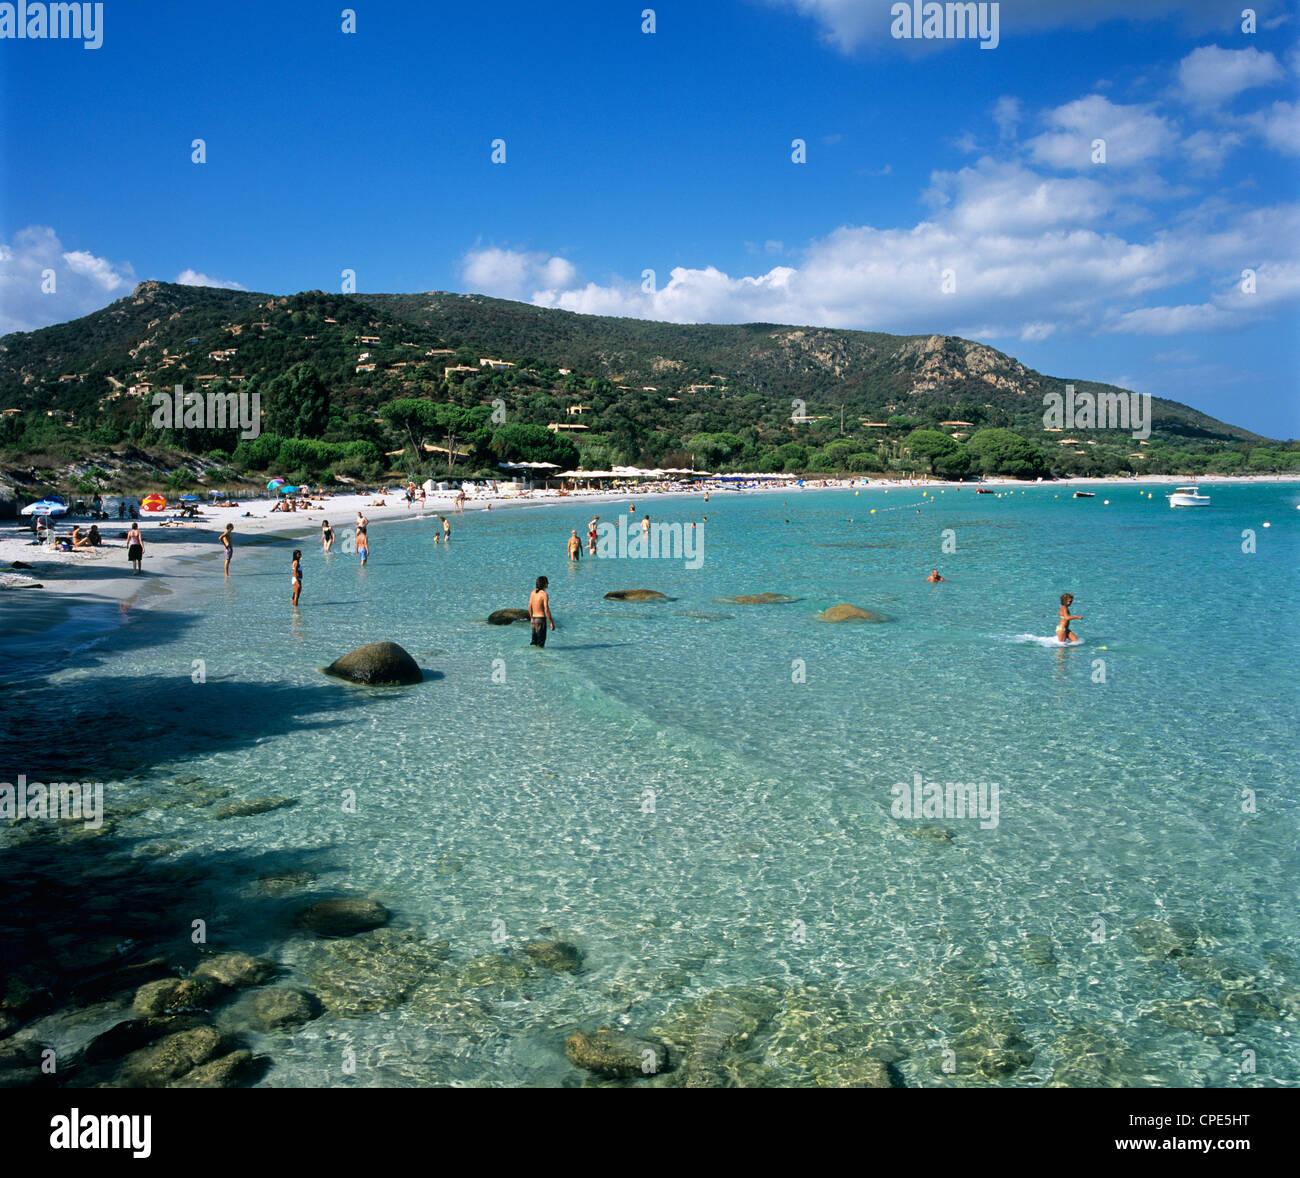 South Of France Beach Stock Photos & South Of France Beach